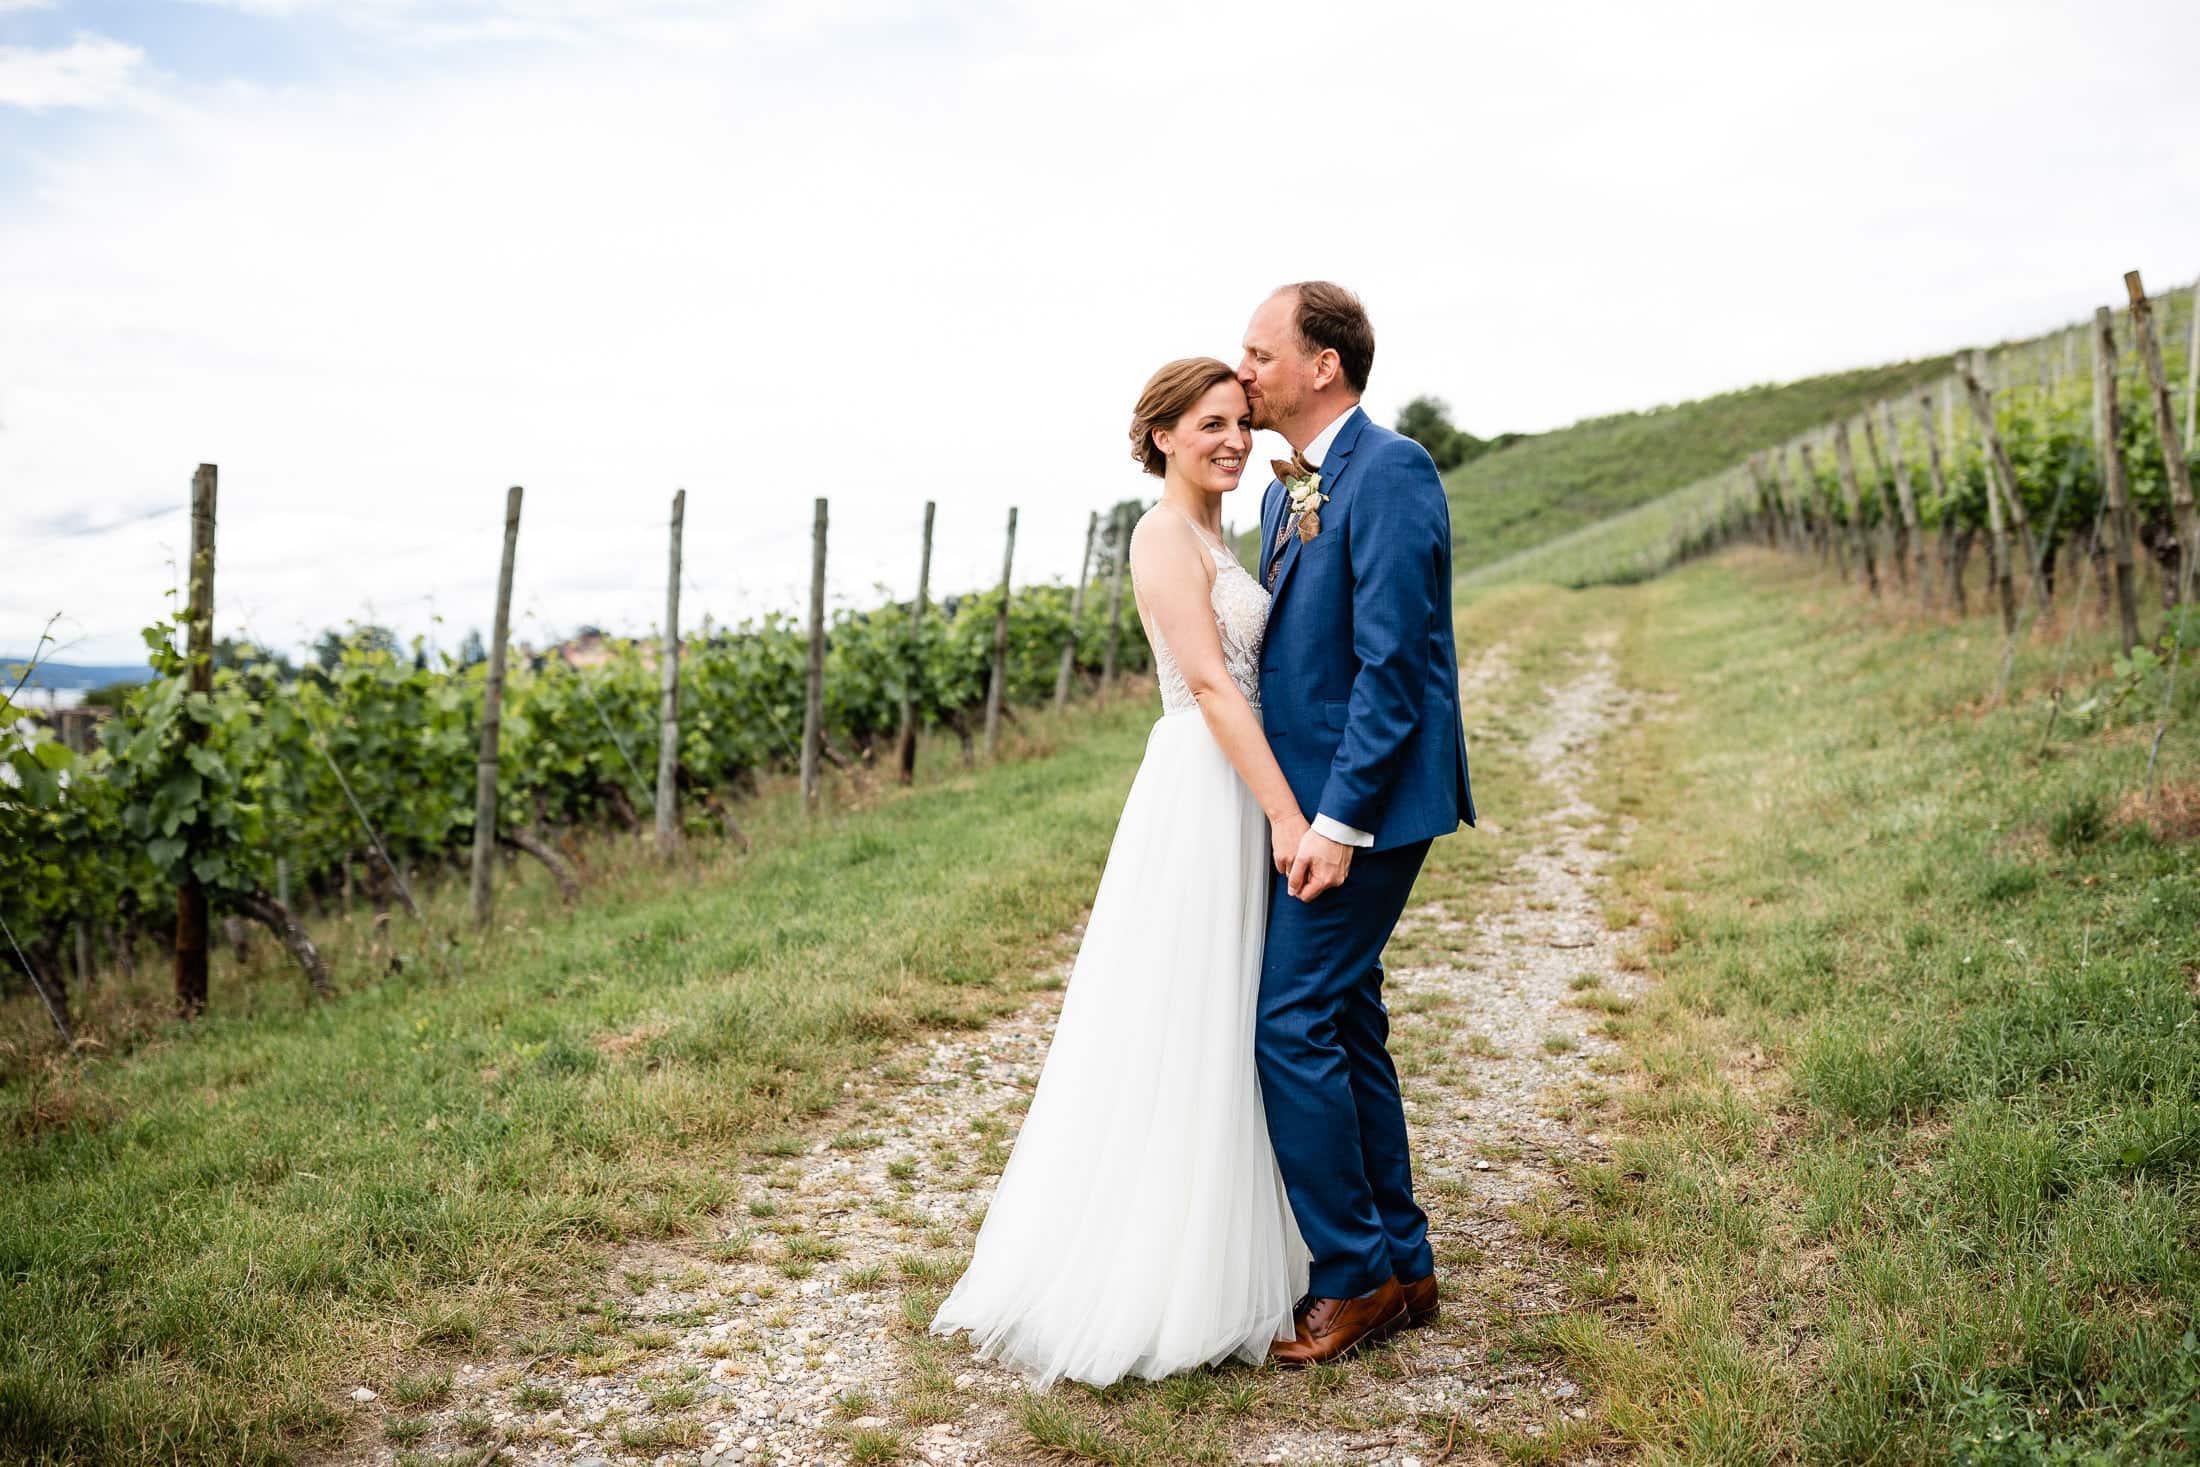 Trauung-Meersburg-am-Bodensee-Hochzeitsfotograf-23